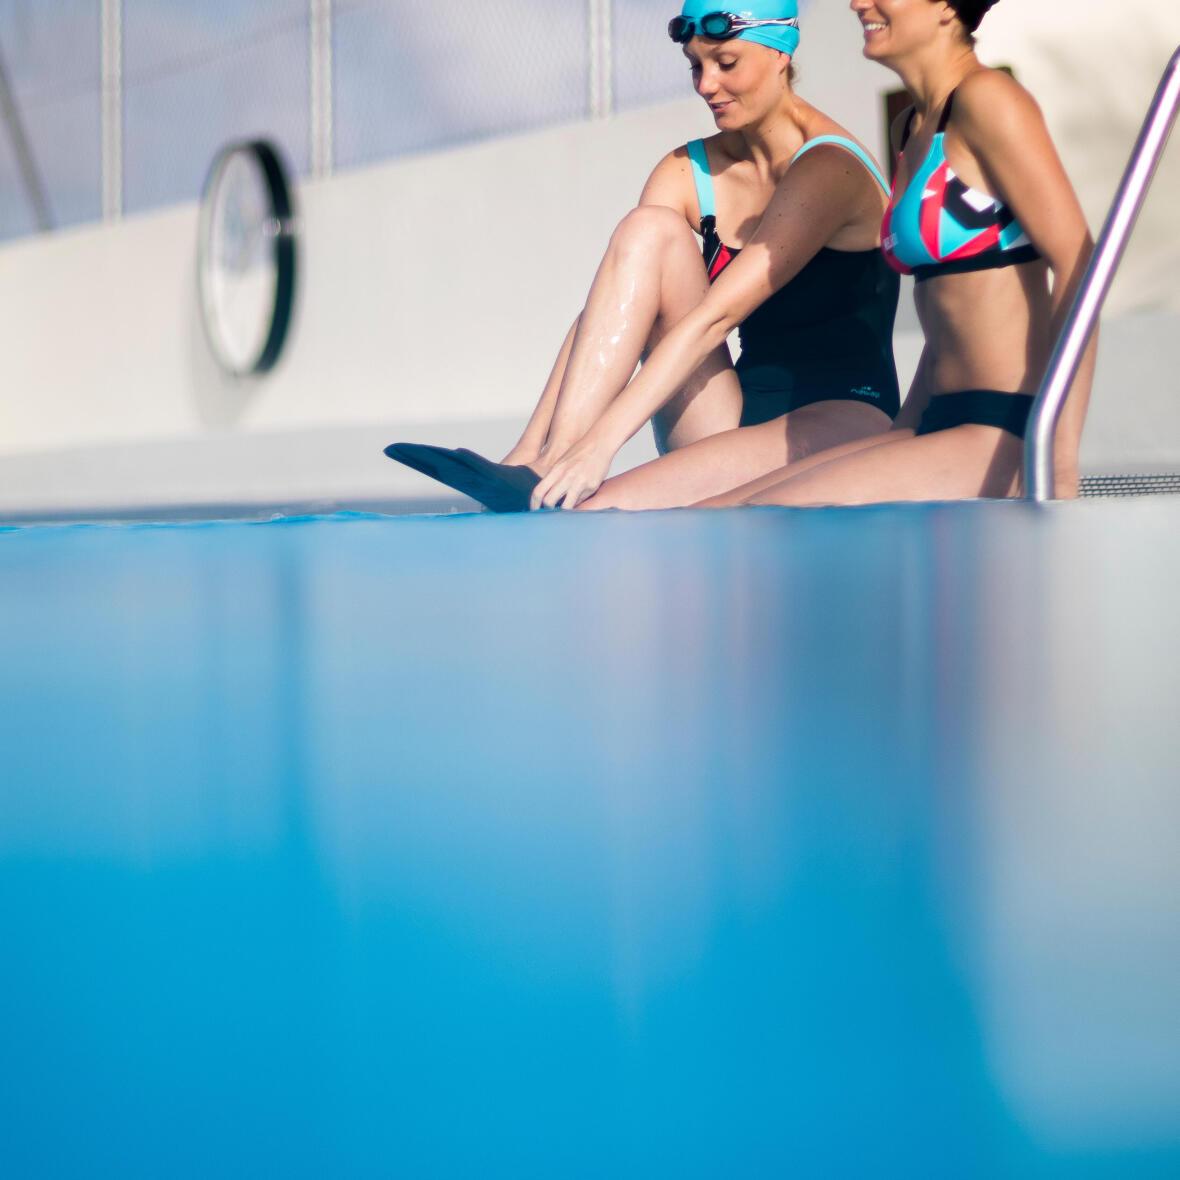 La natation, le bon sport pour perdre du poids